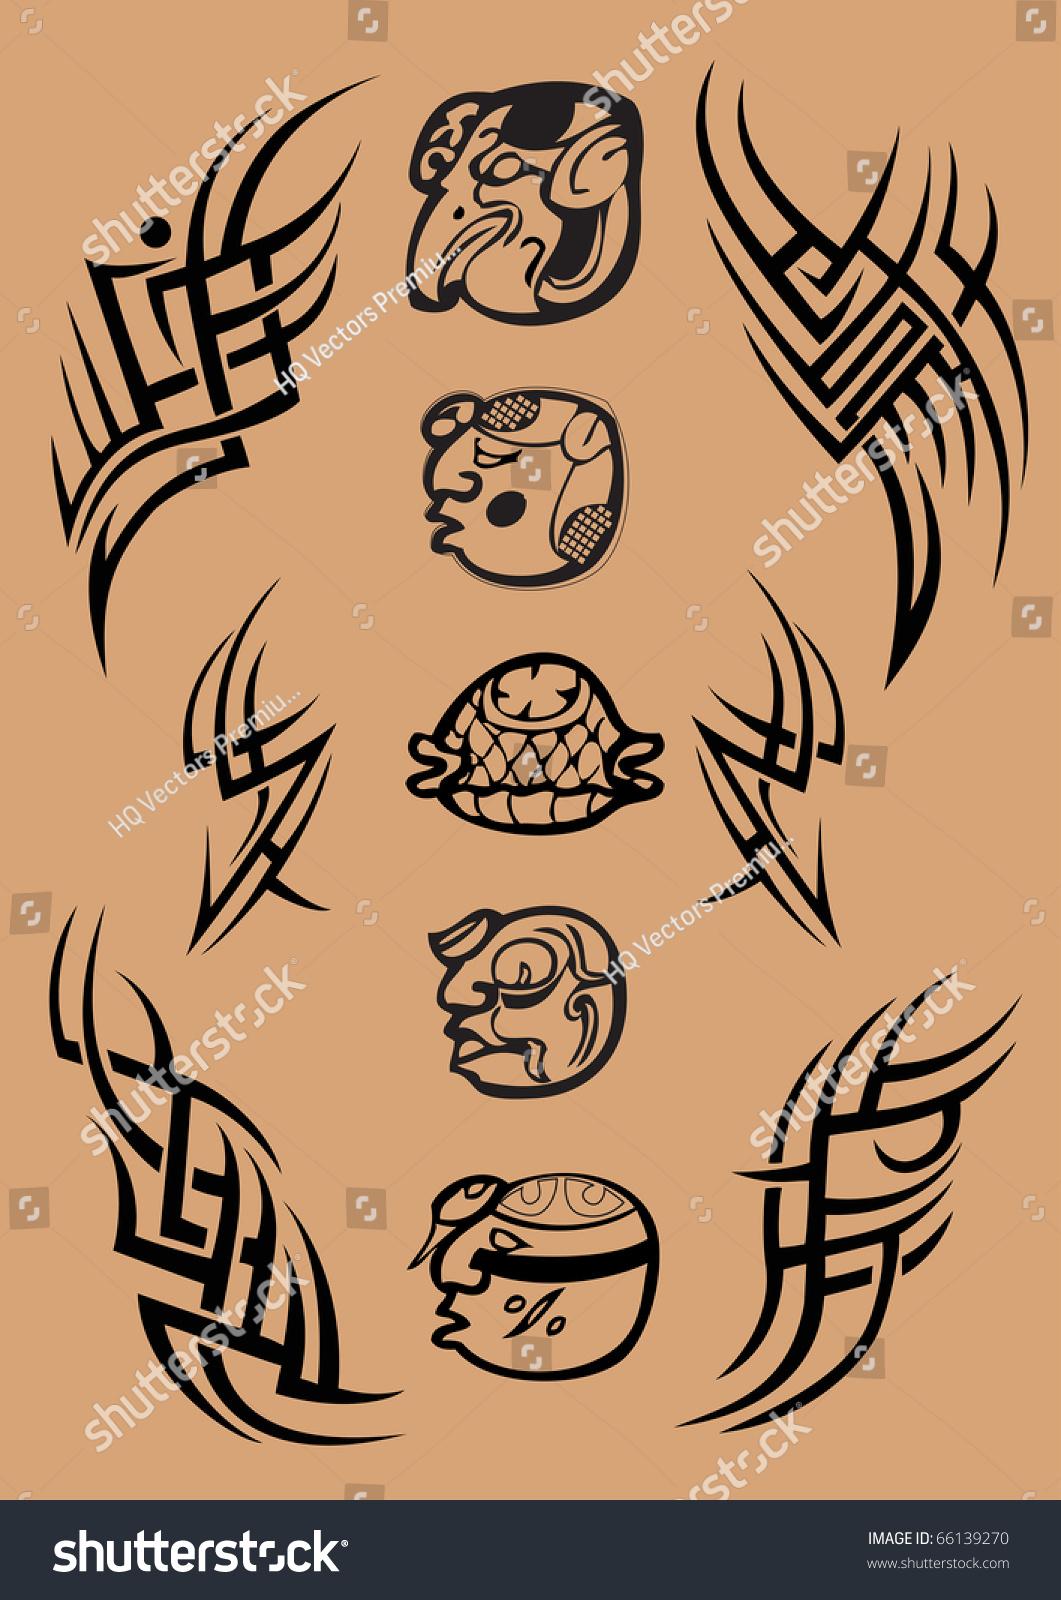 Mayan symbol tattoo images for tatouage mayan symbol tattoo in maya symbol letter tattoo stock illustration 66139270 shutterstock biocorpaavc